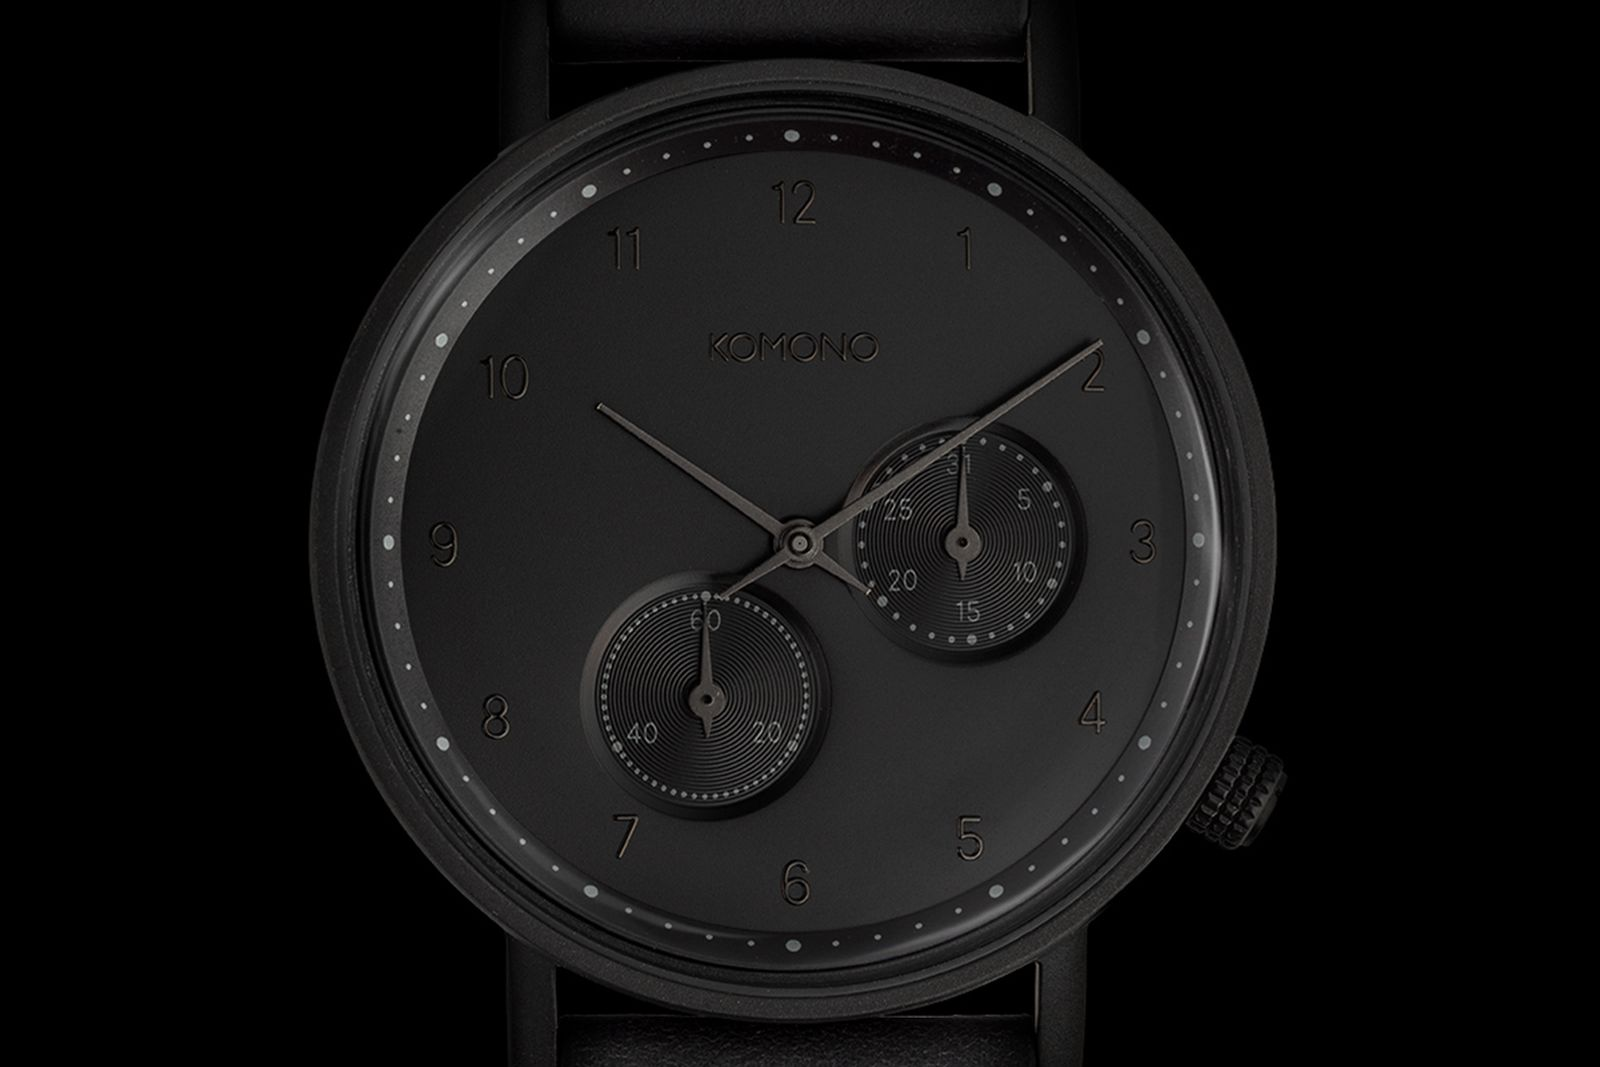 komono-walther-watch-12